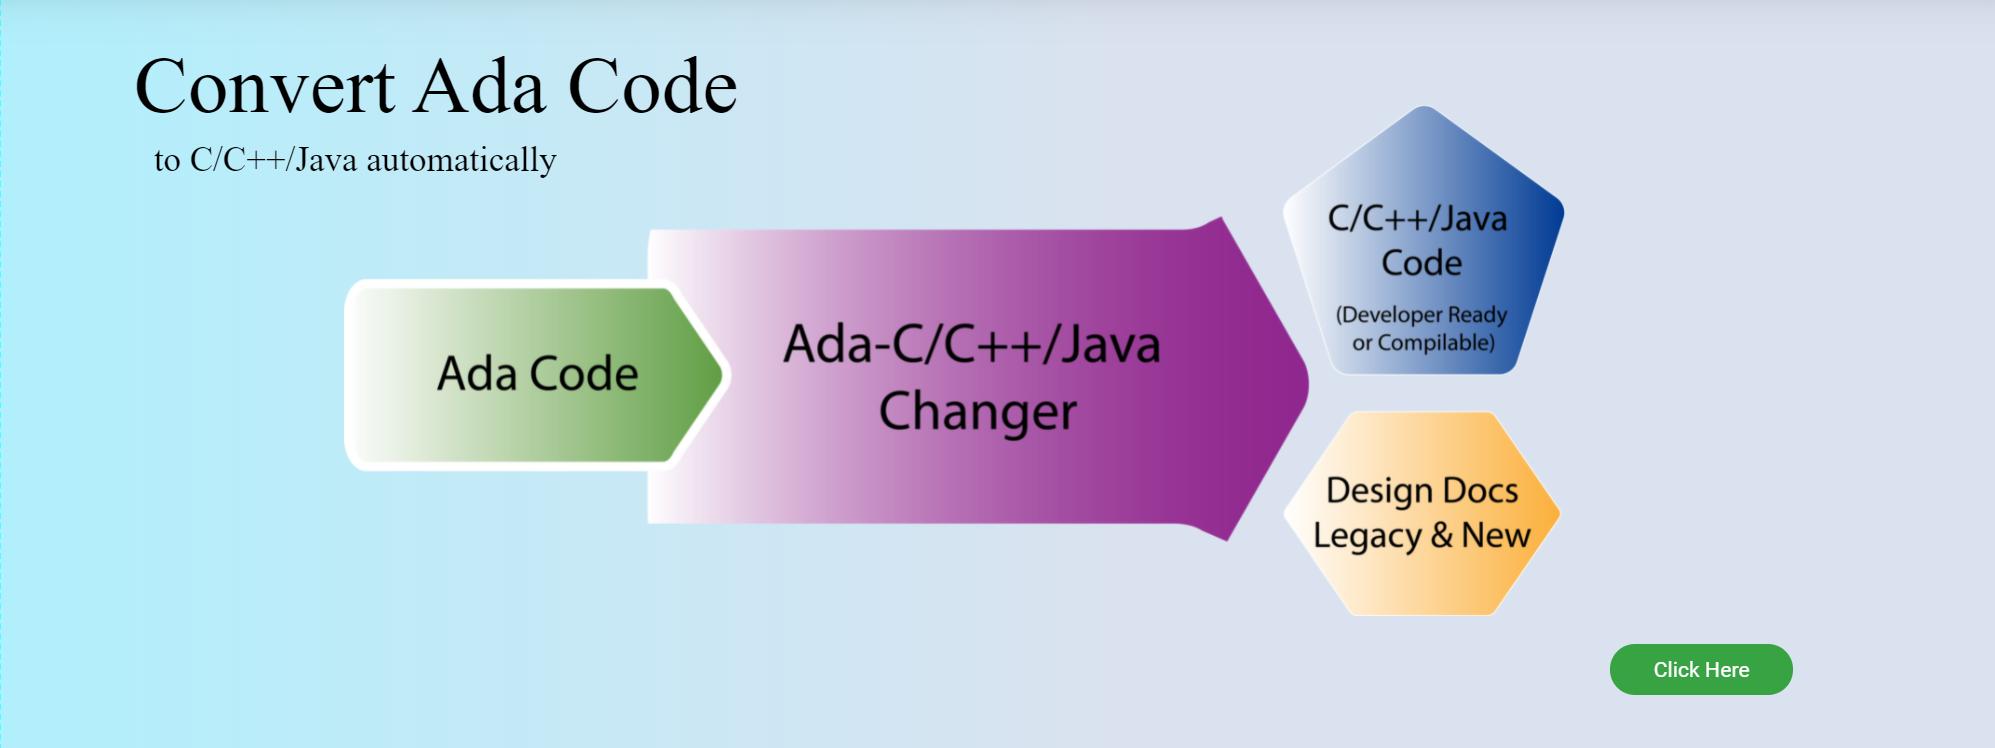 2 Ada Changer Slide